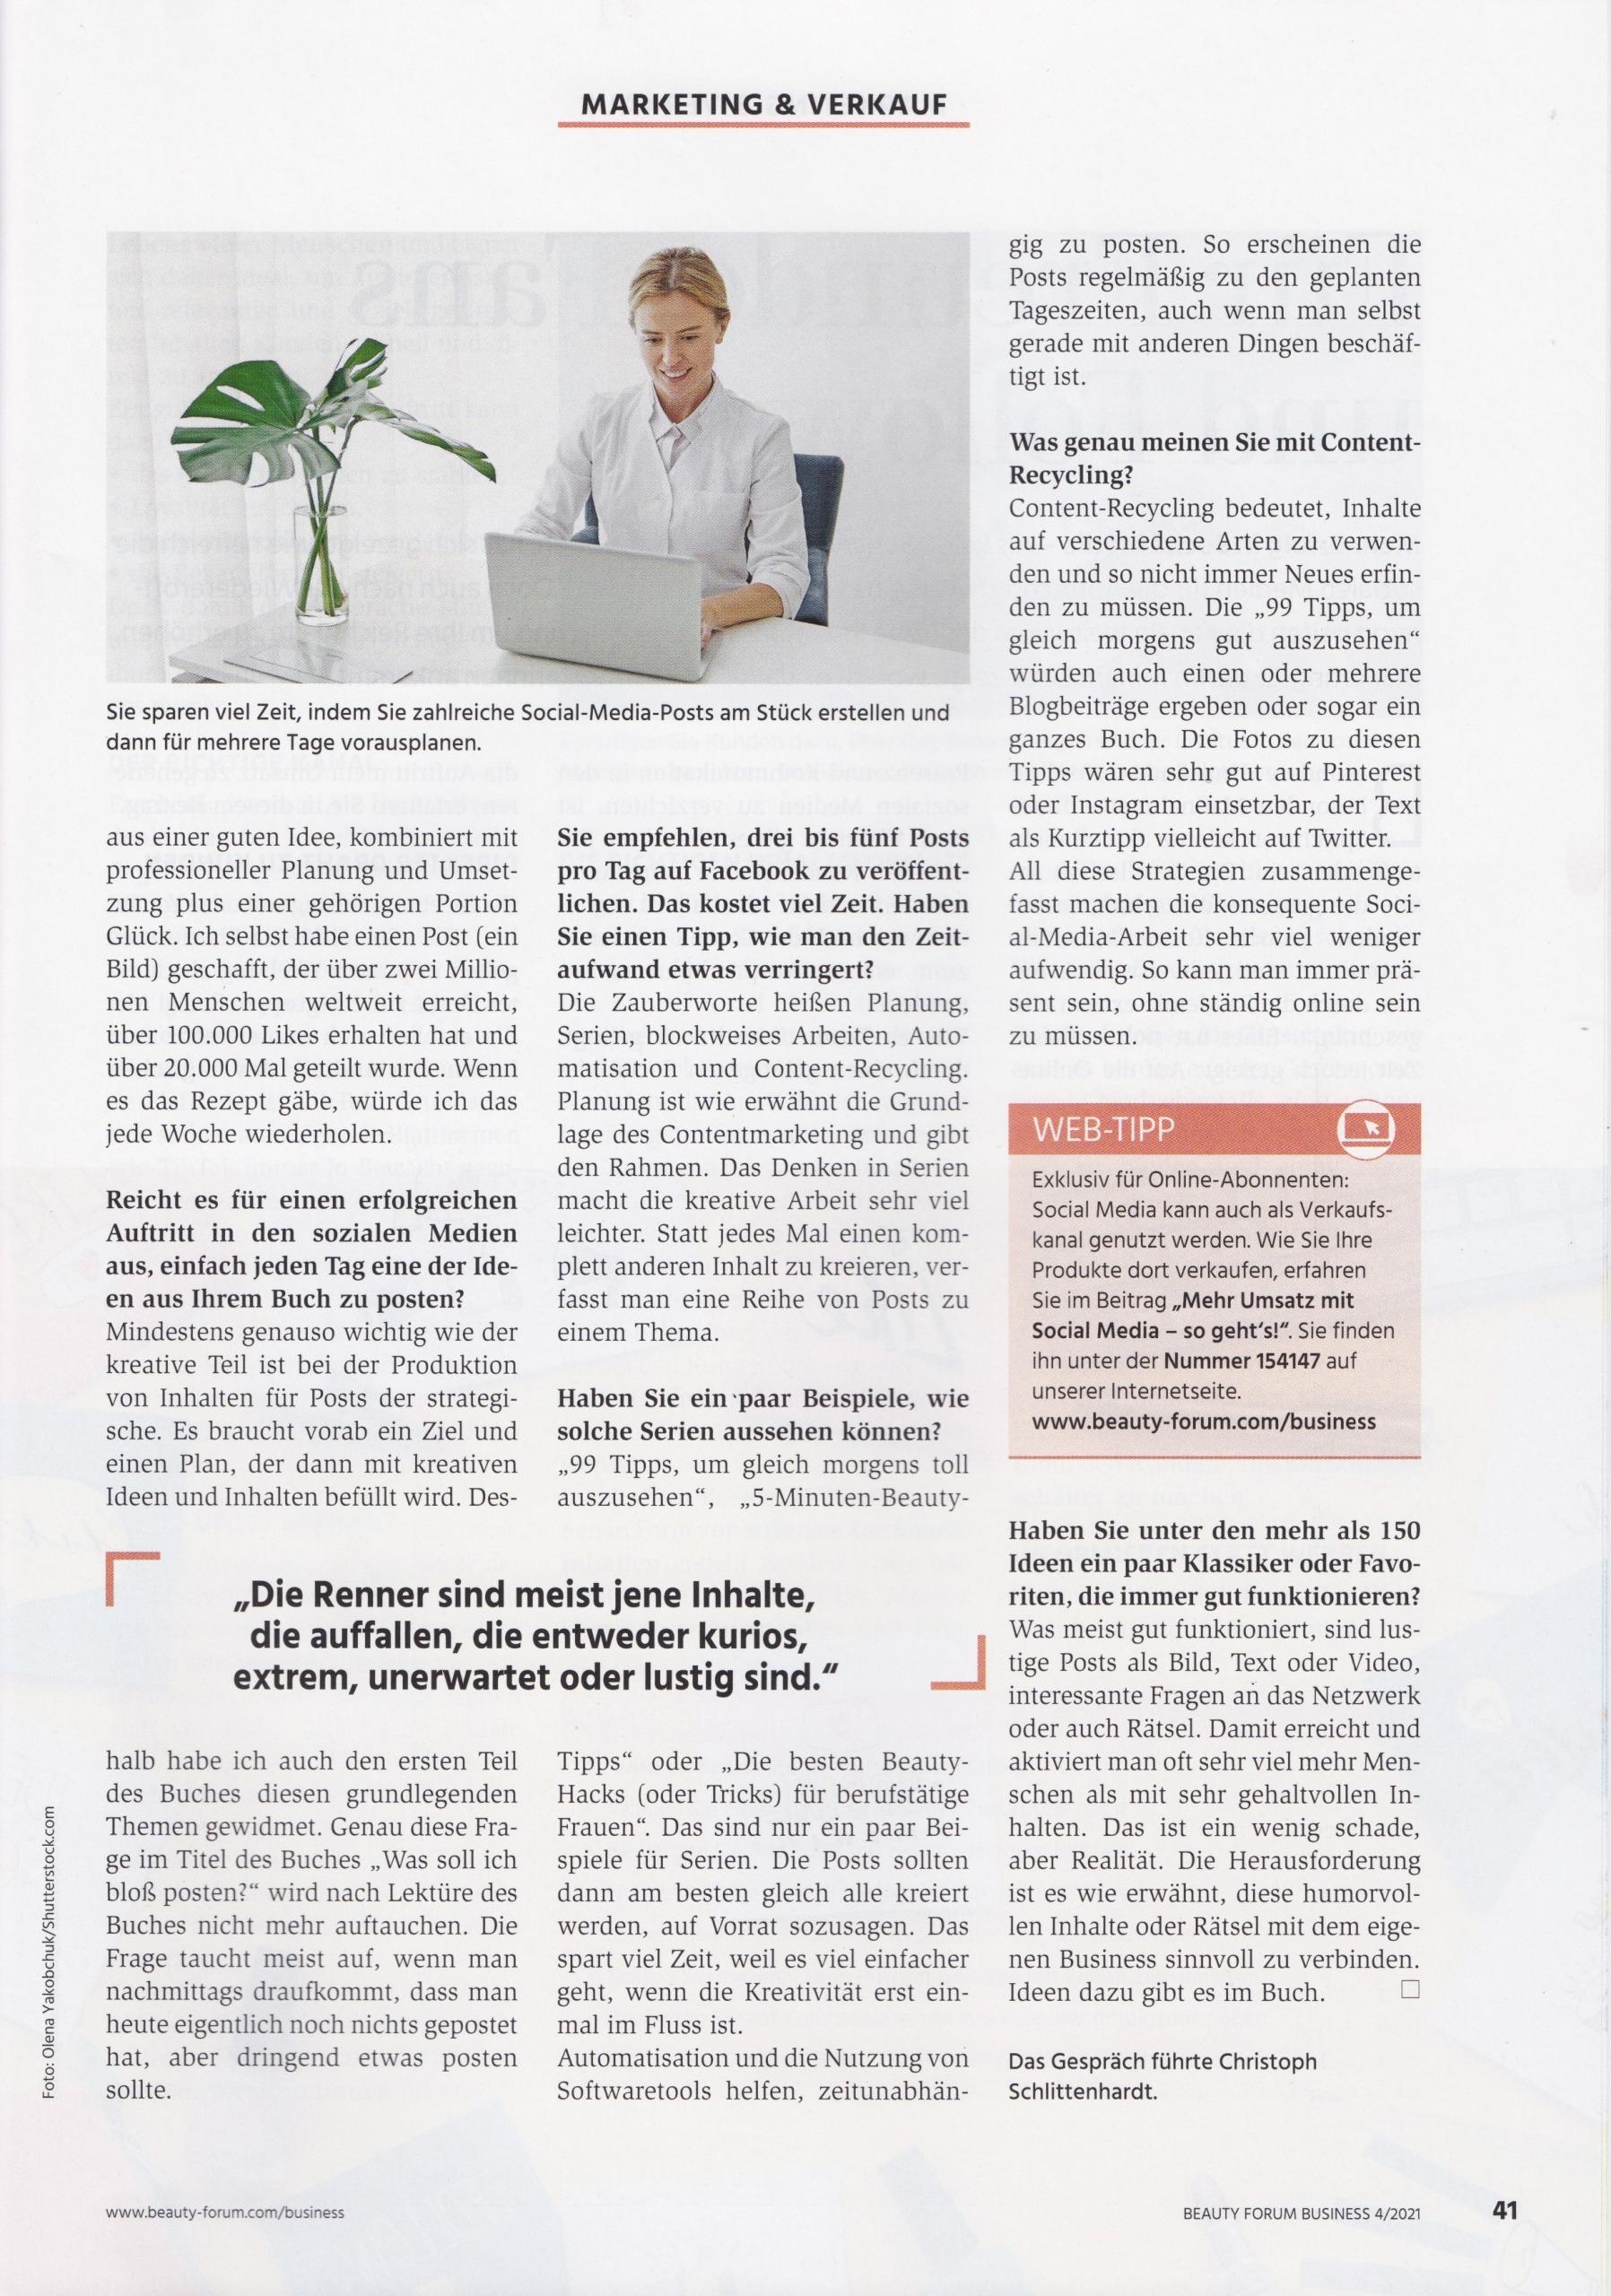 Beauty Forum Business - 04-21 - 2 - Mag. Roman Kmnenta - Autor und Vortragsredner